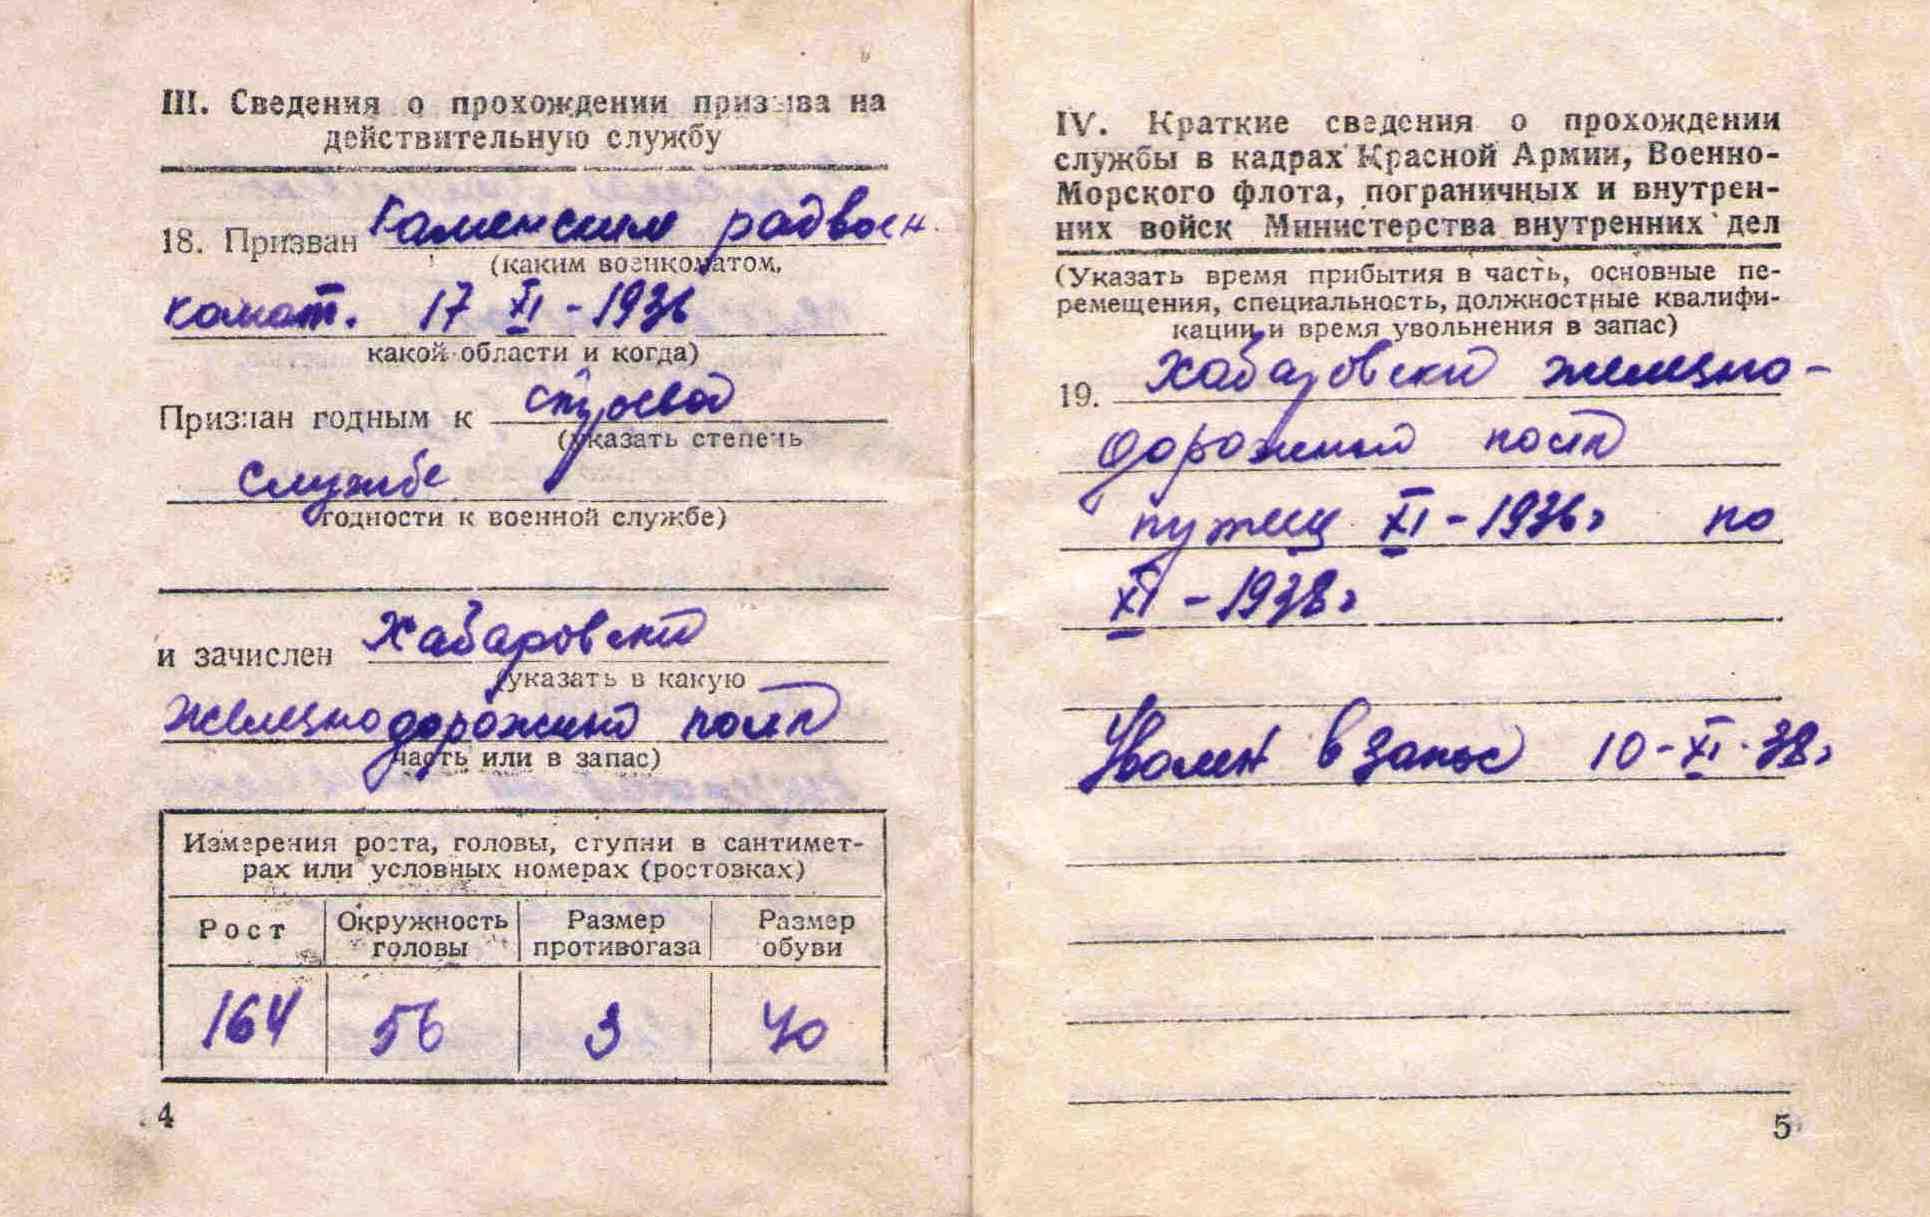 4. Военный билет Барыкина ПП,1948